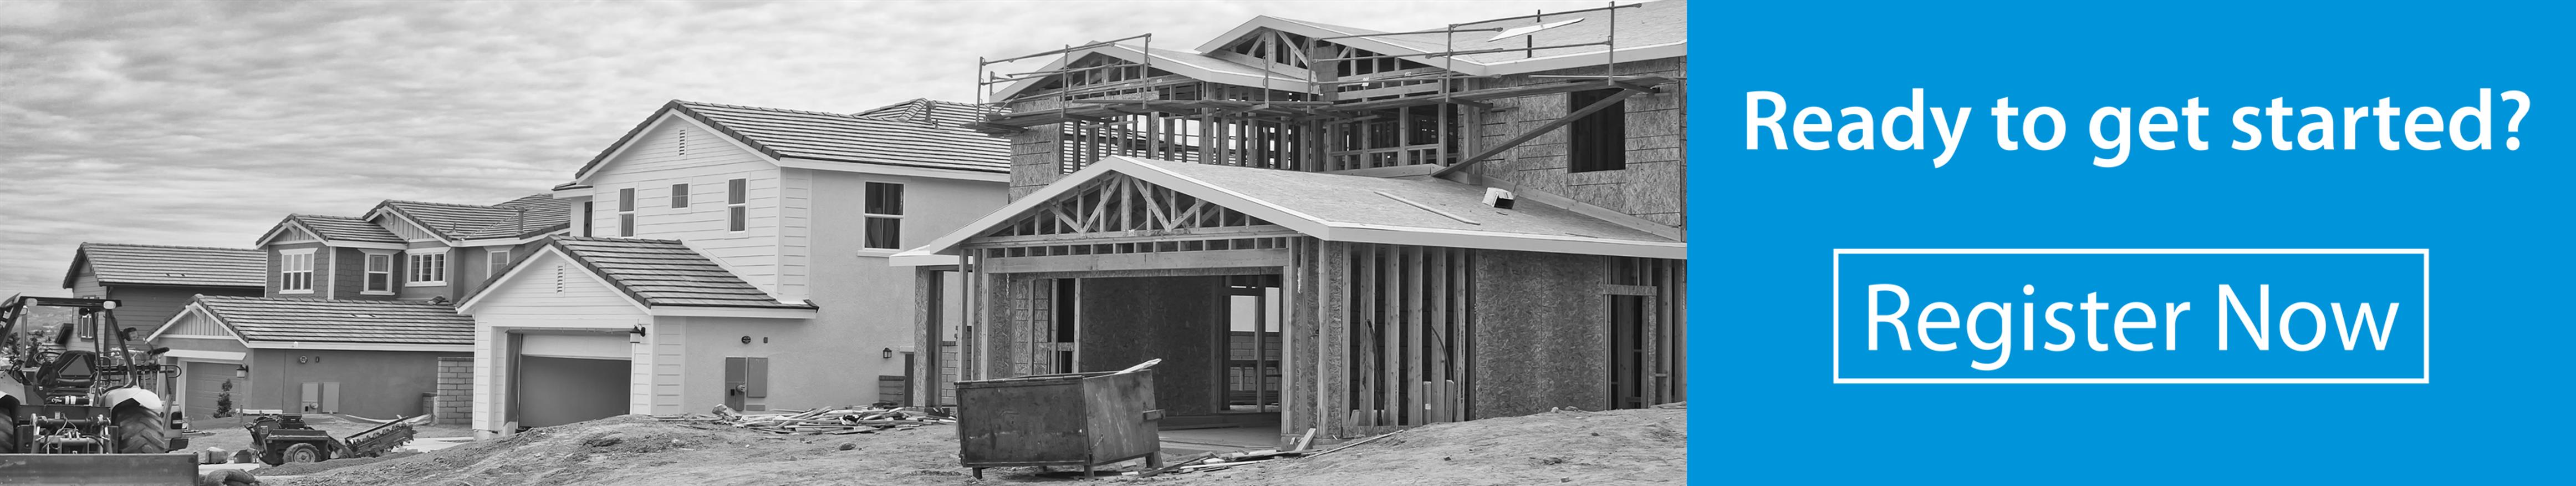 Clare Builder Program Get Started CTA v4